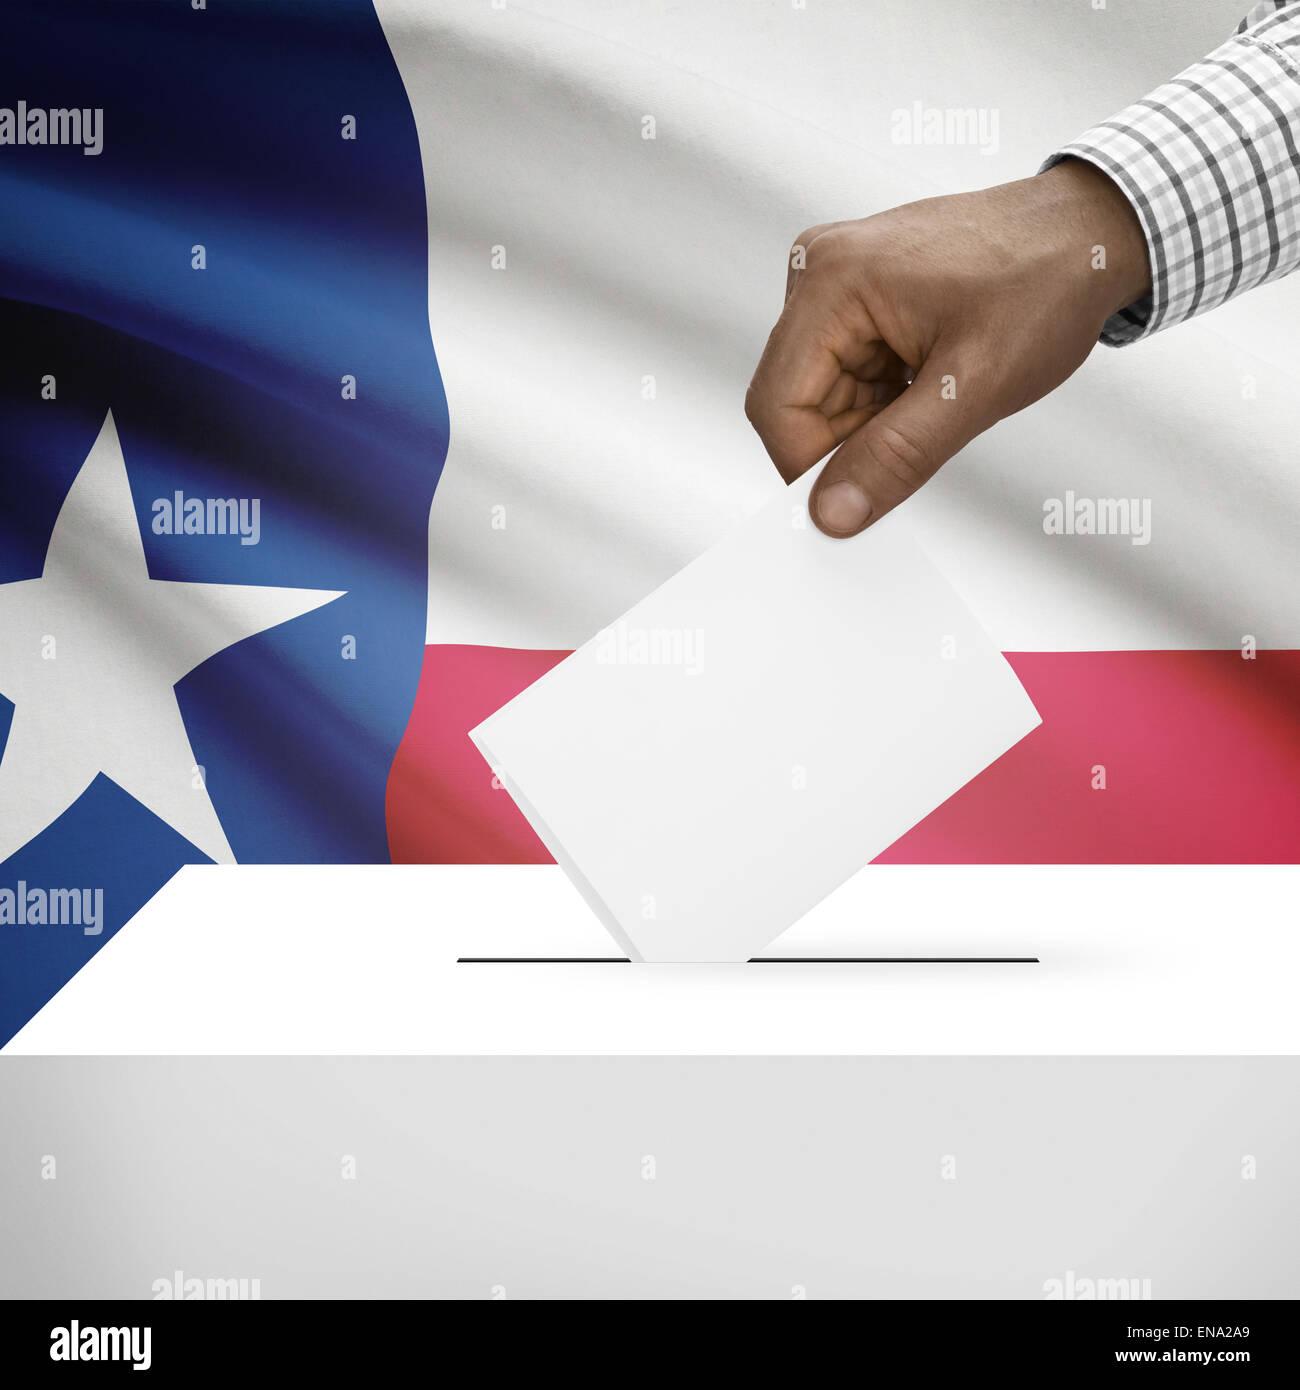 Schön Amerikanische Flagge Färbung Seite Bilder - Entry Level Resume ...